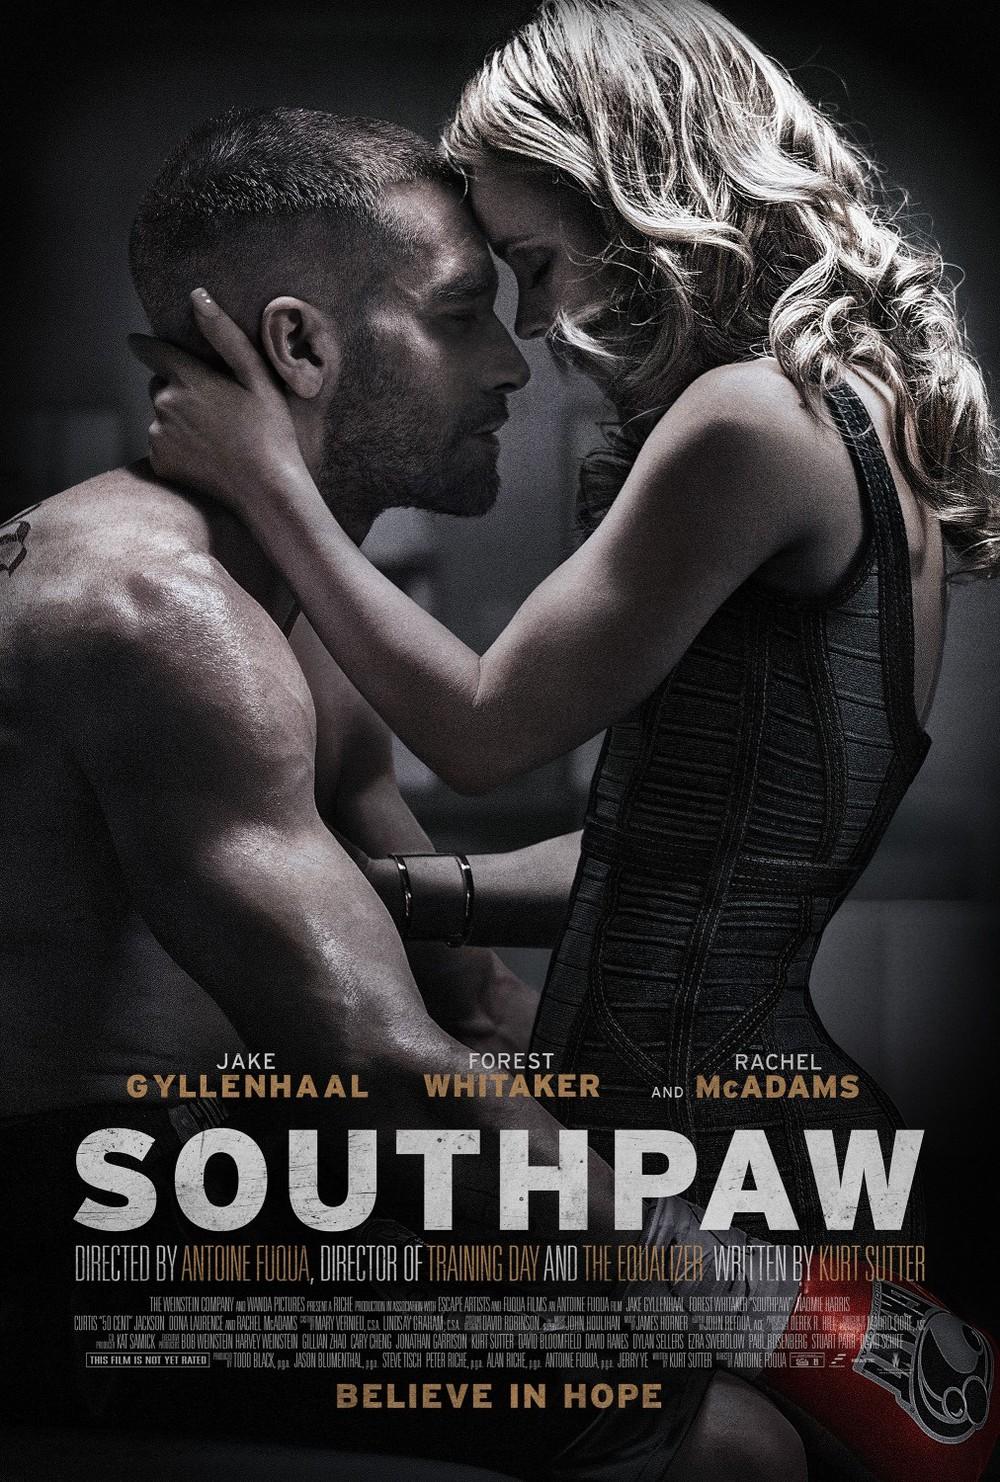 SouthpawOneSheet